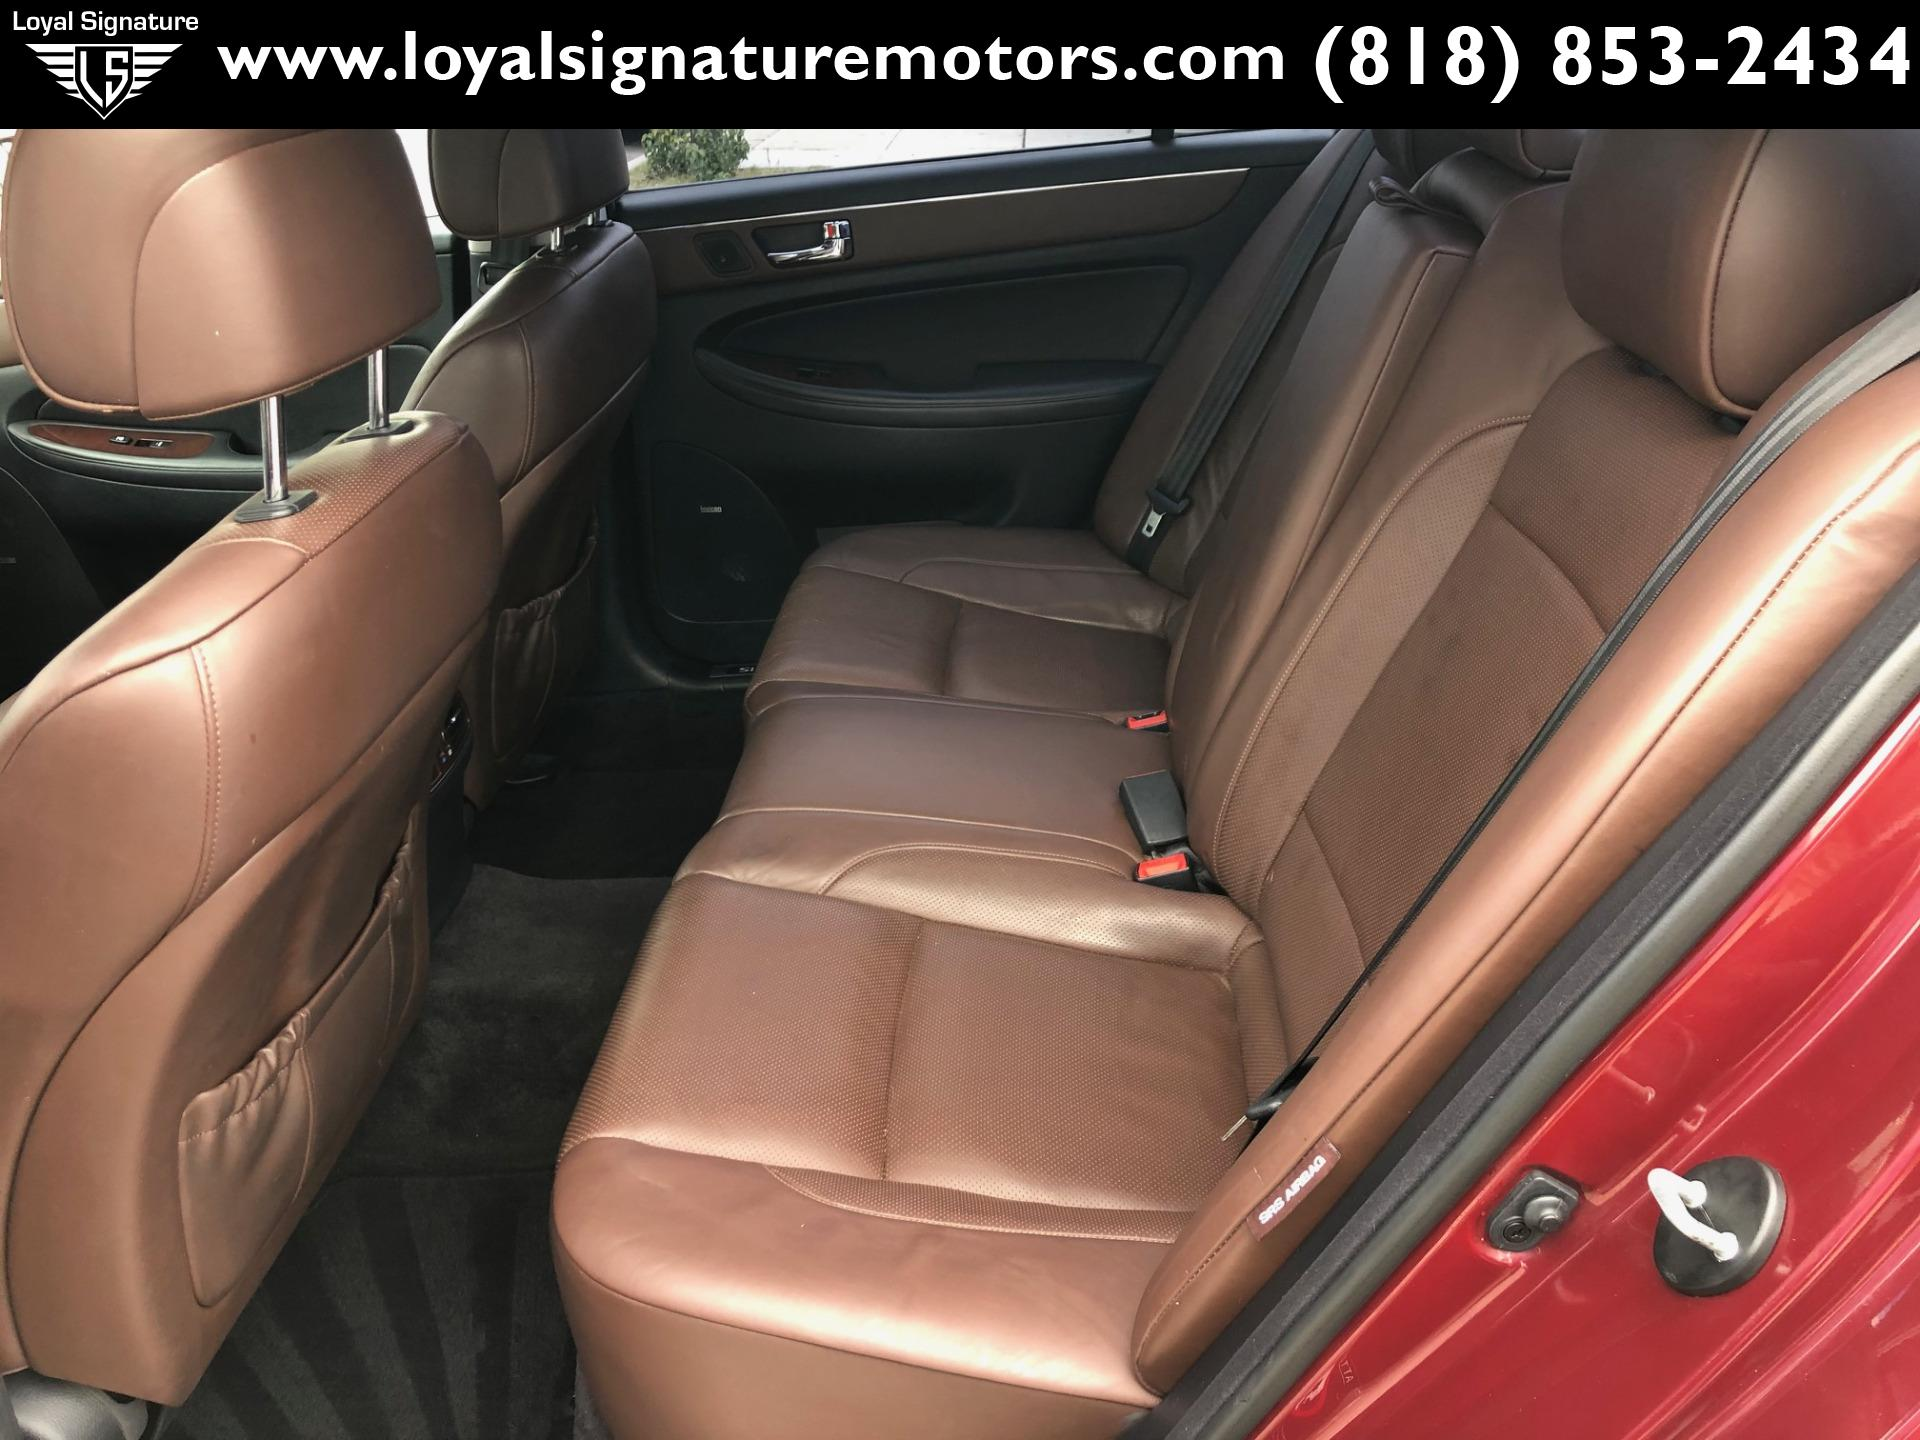 Used-2009-Hyundai-Genesis-46L-V8